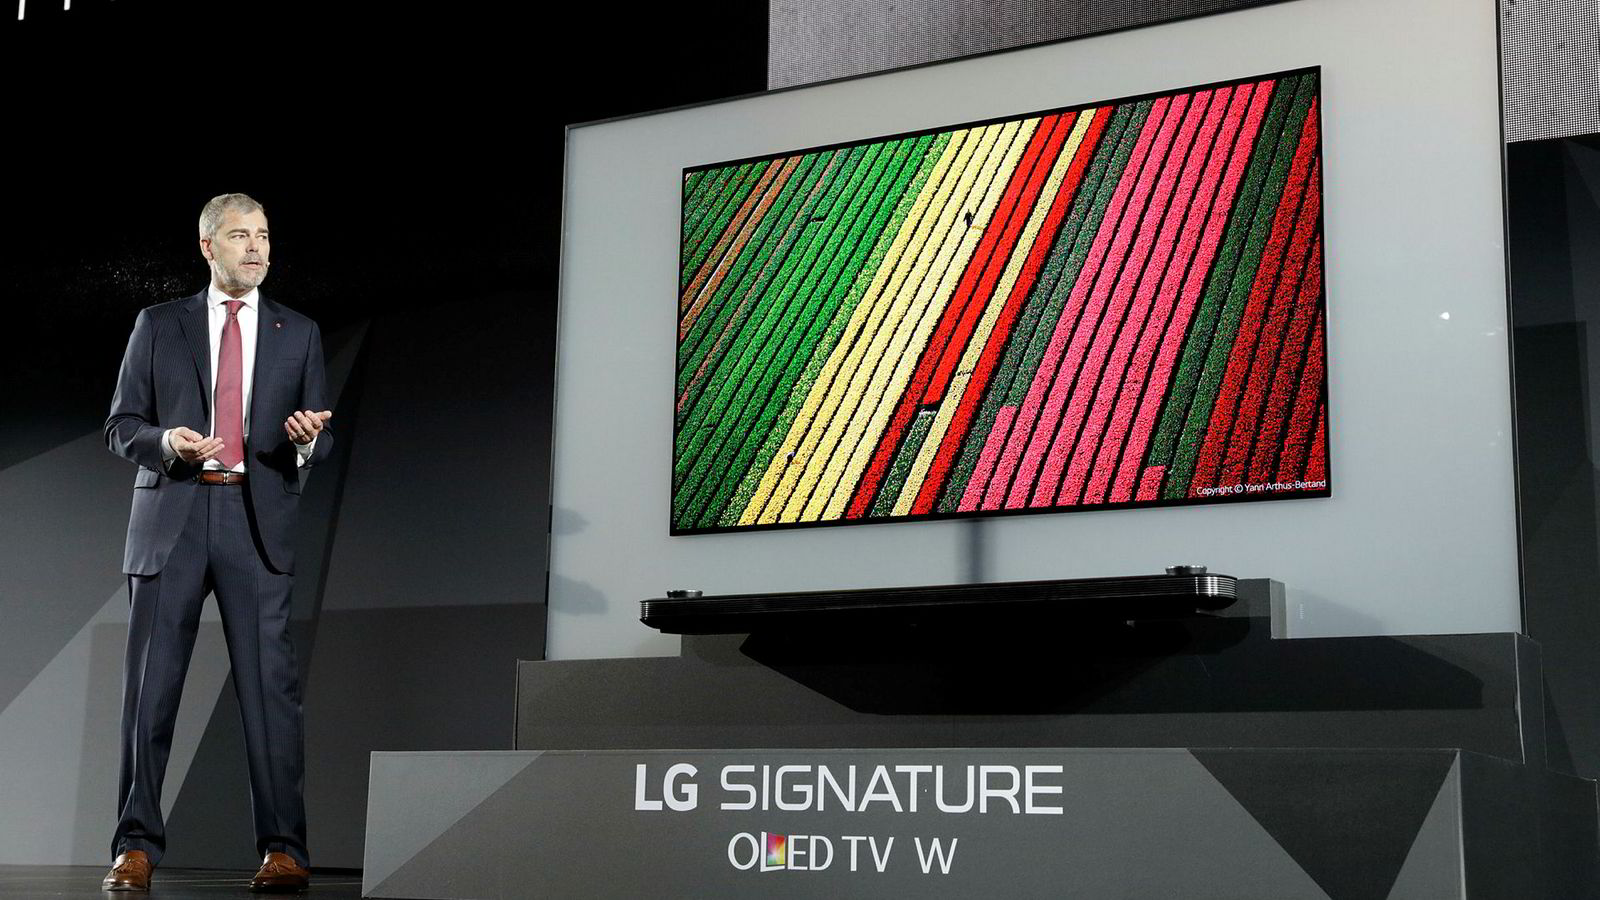 David VanderWaal, markedsdirektør for LG Electronics USA, viser frem LG Signature OLED TV W under LGs pressekonferanse på CES 2017.